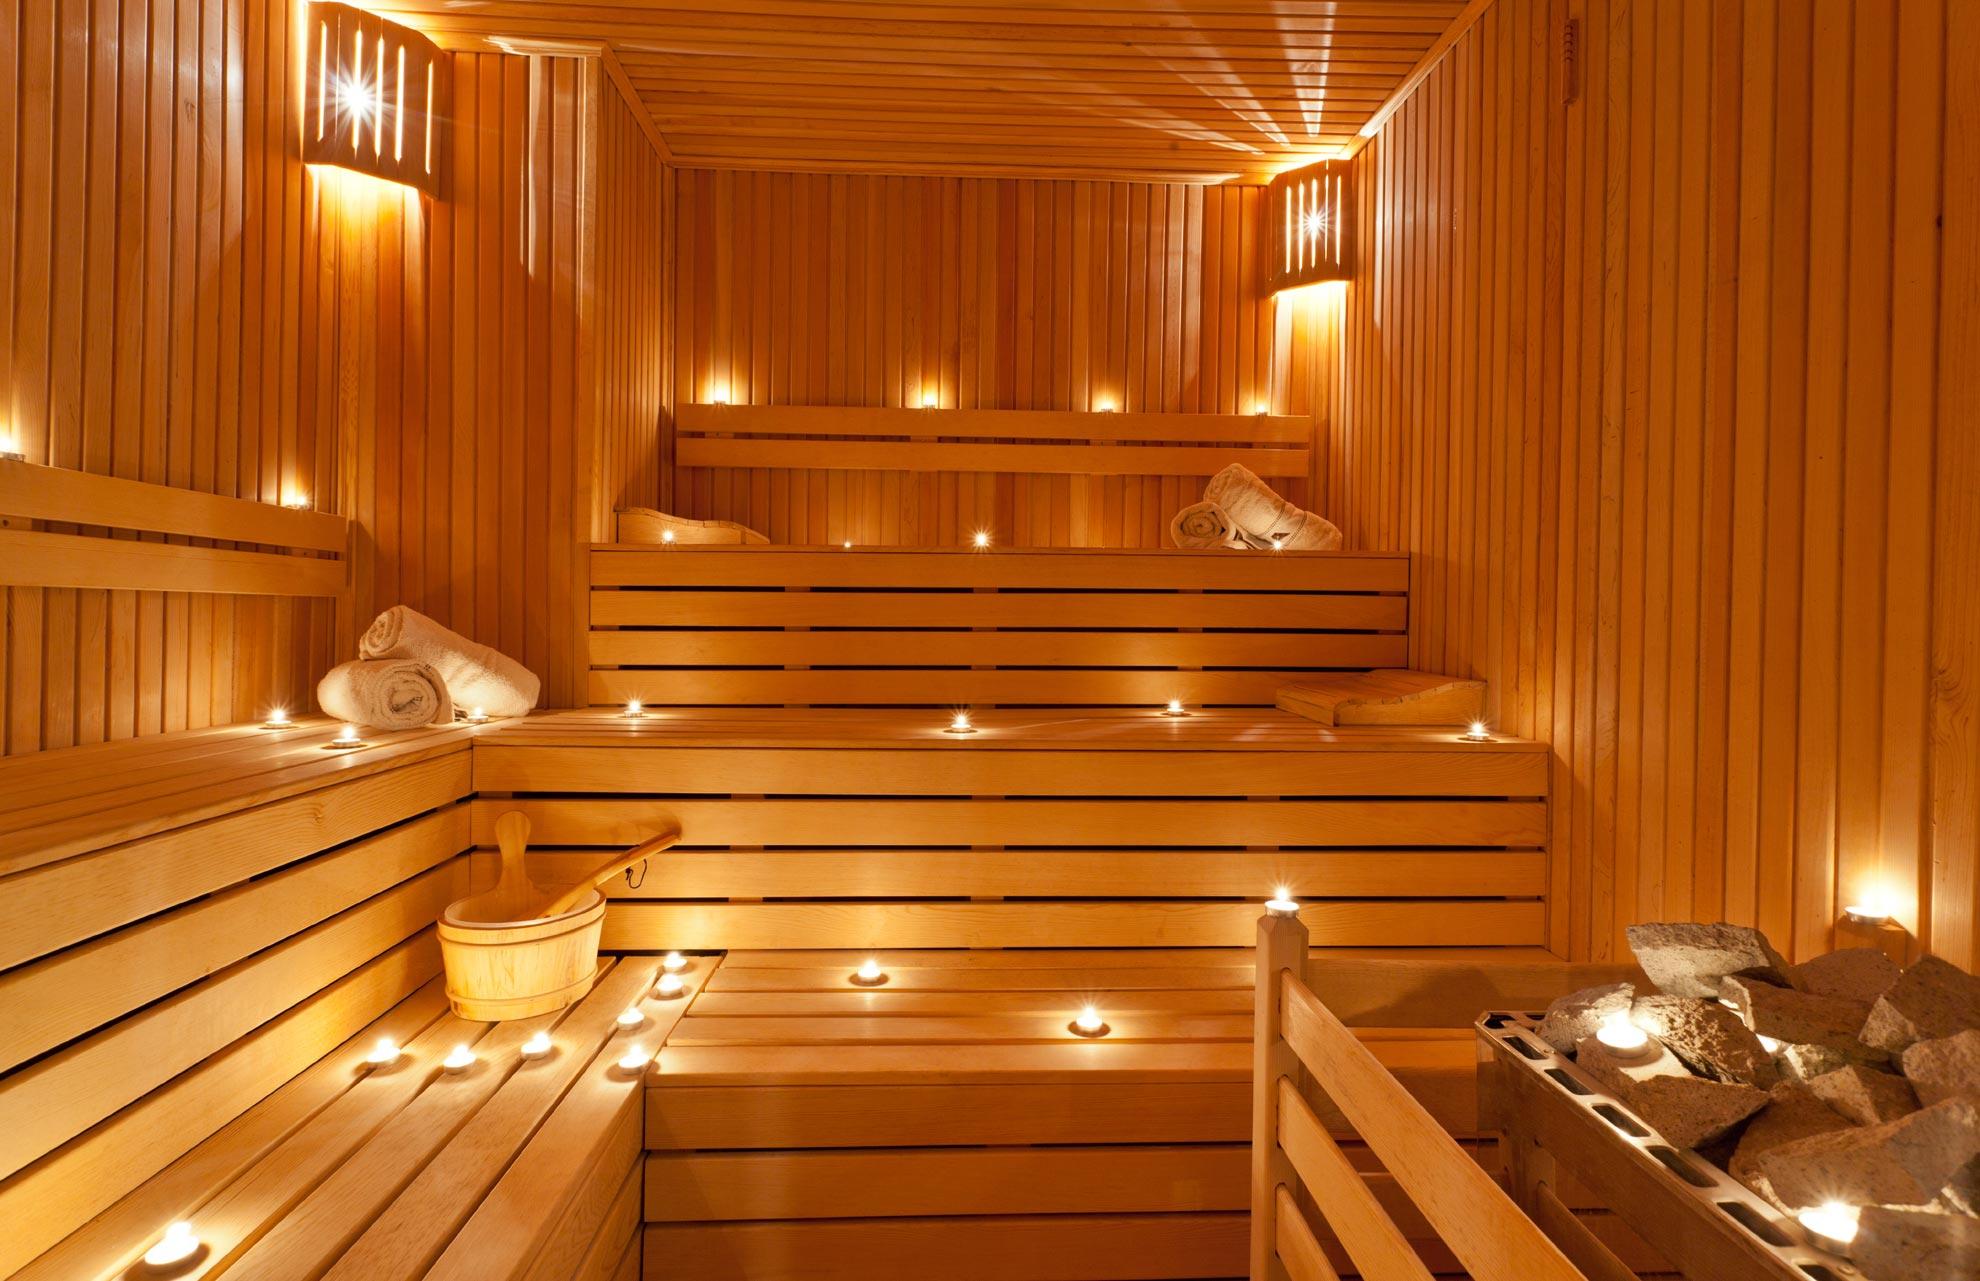 Finnleo Sauna Repair - Aqua Vita Spas